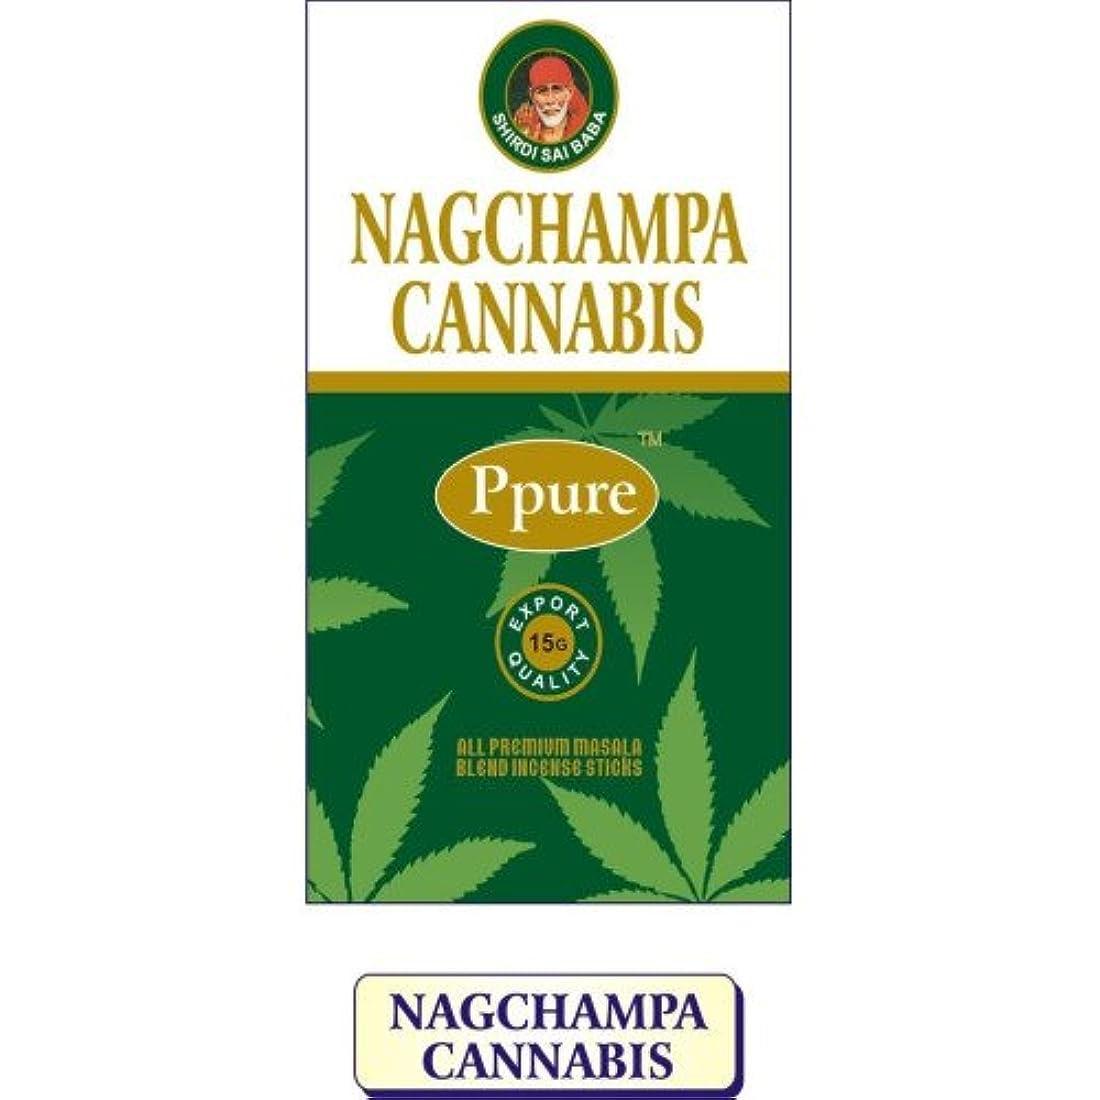 好意ローズ振るPpure Nag Champa Cannabis PerfumeプレミアムMasala Incense Sticks 15グラム